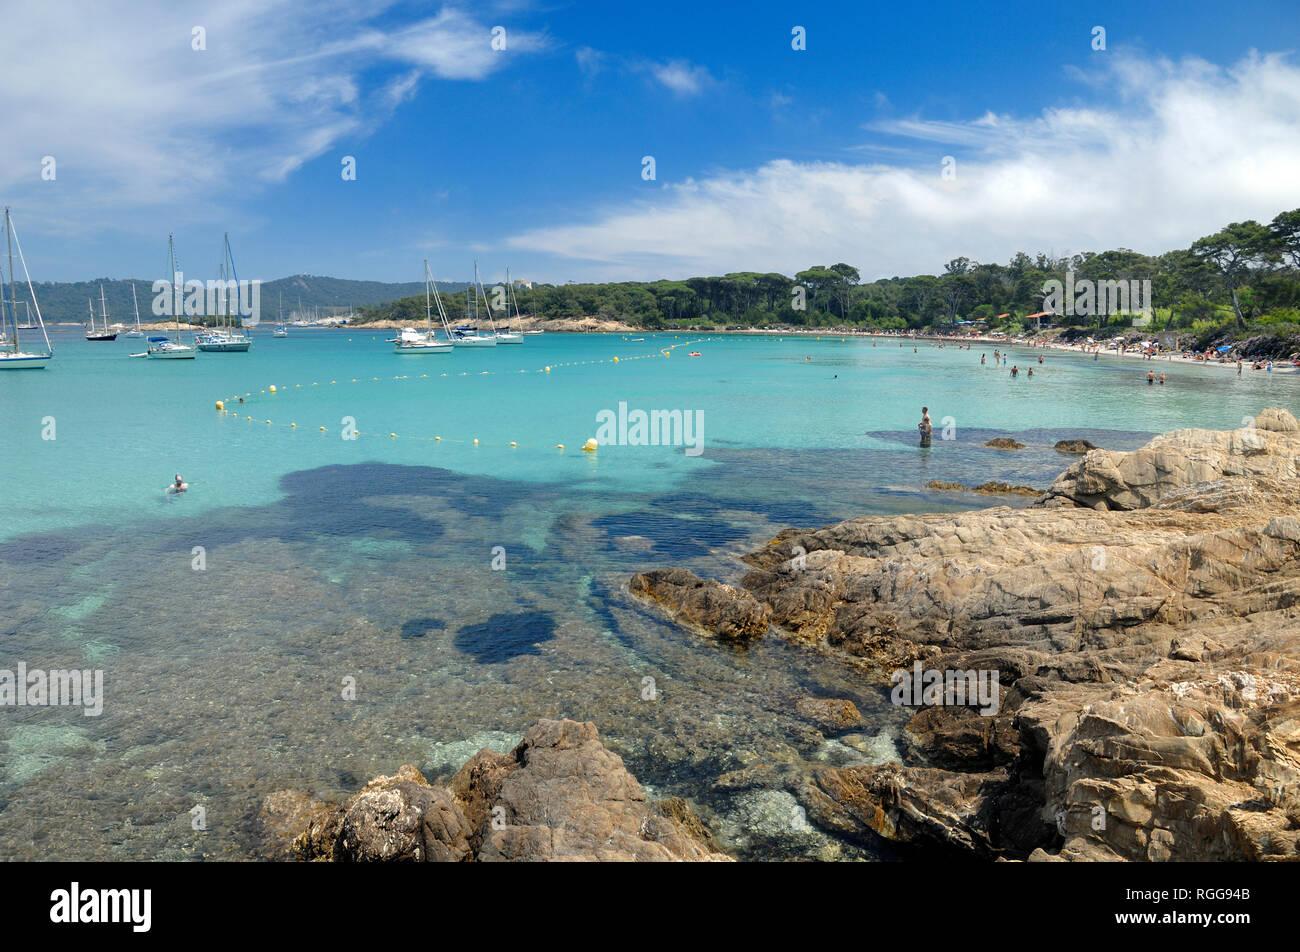 Turquoise Waters at Plage d'Argent Île de Porquerolles or Porquerolles Island, Île d'Hyères, Var, Côte-d'Azur, Provence, France - Stock Image